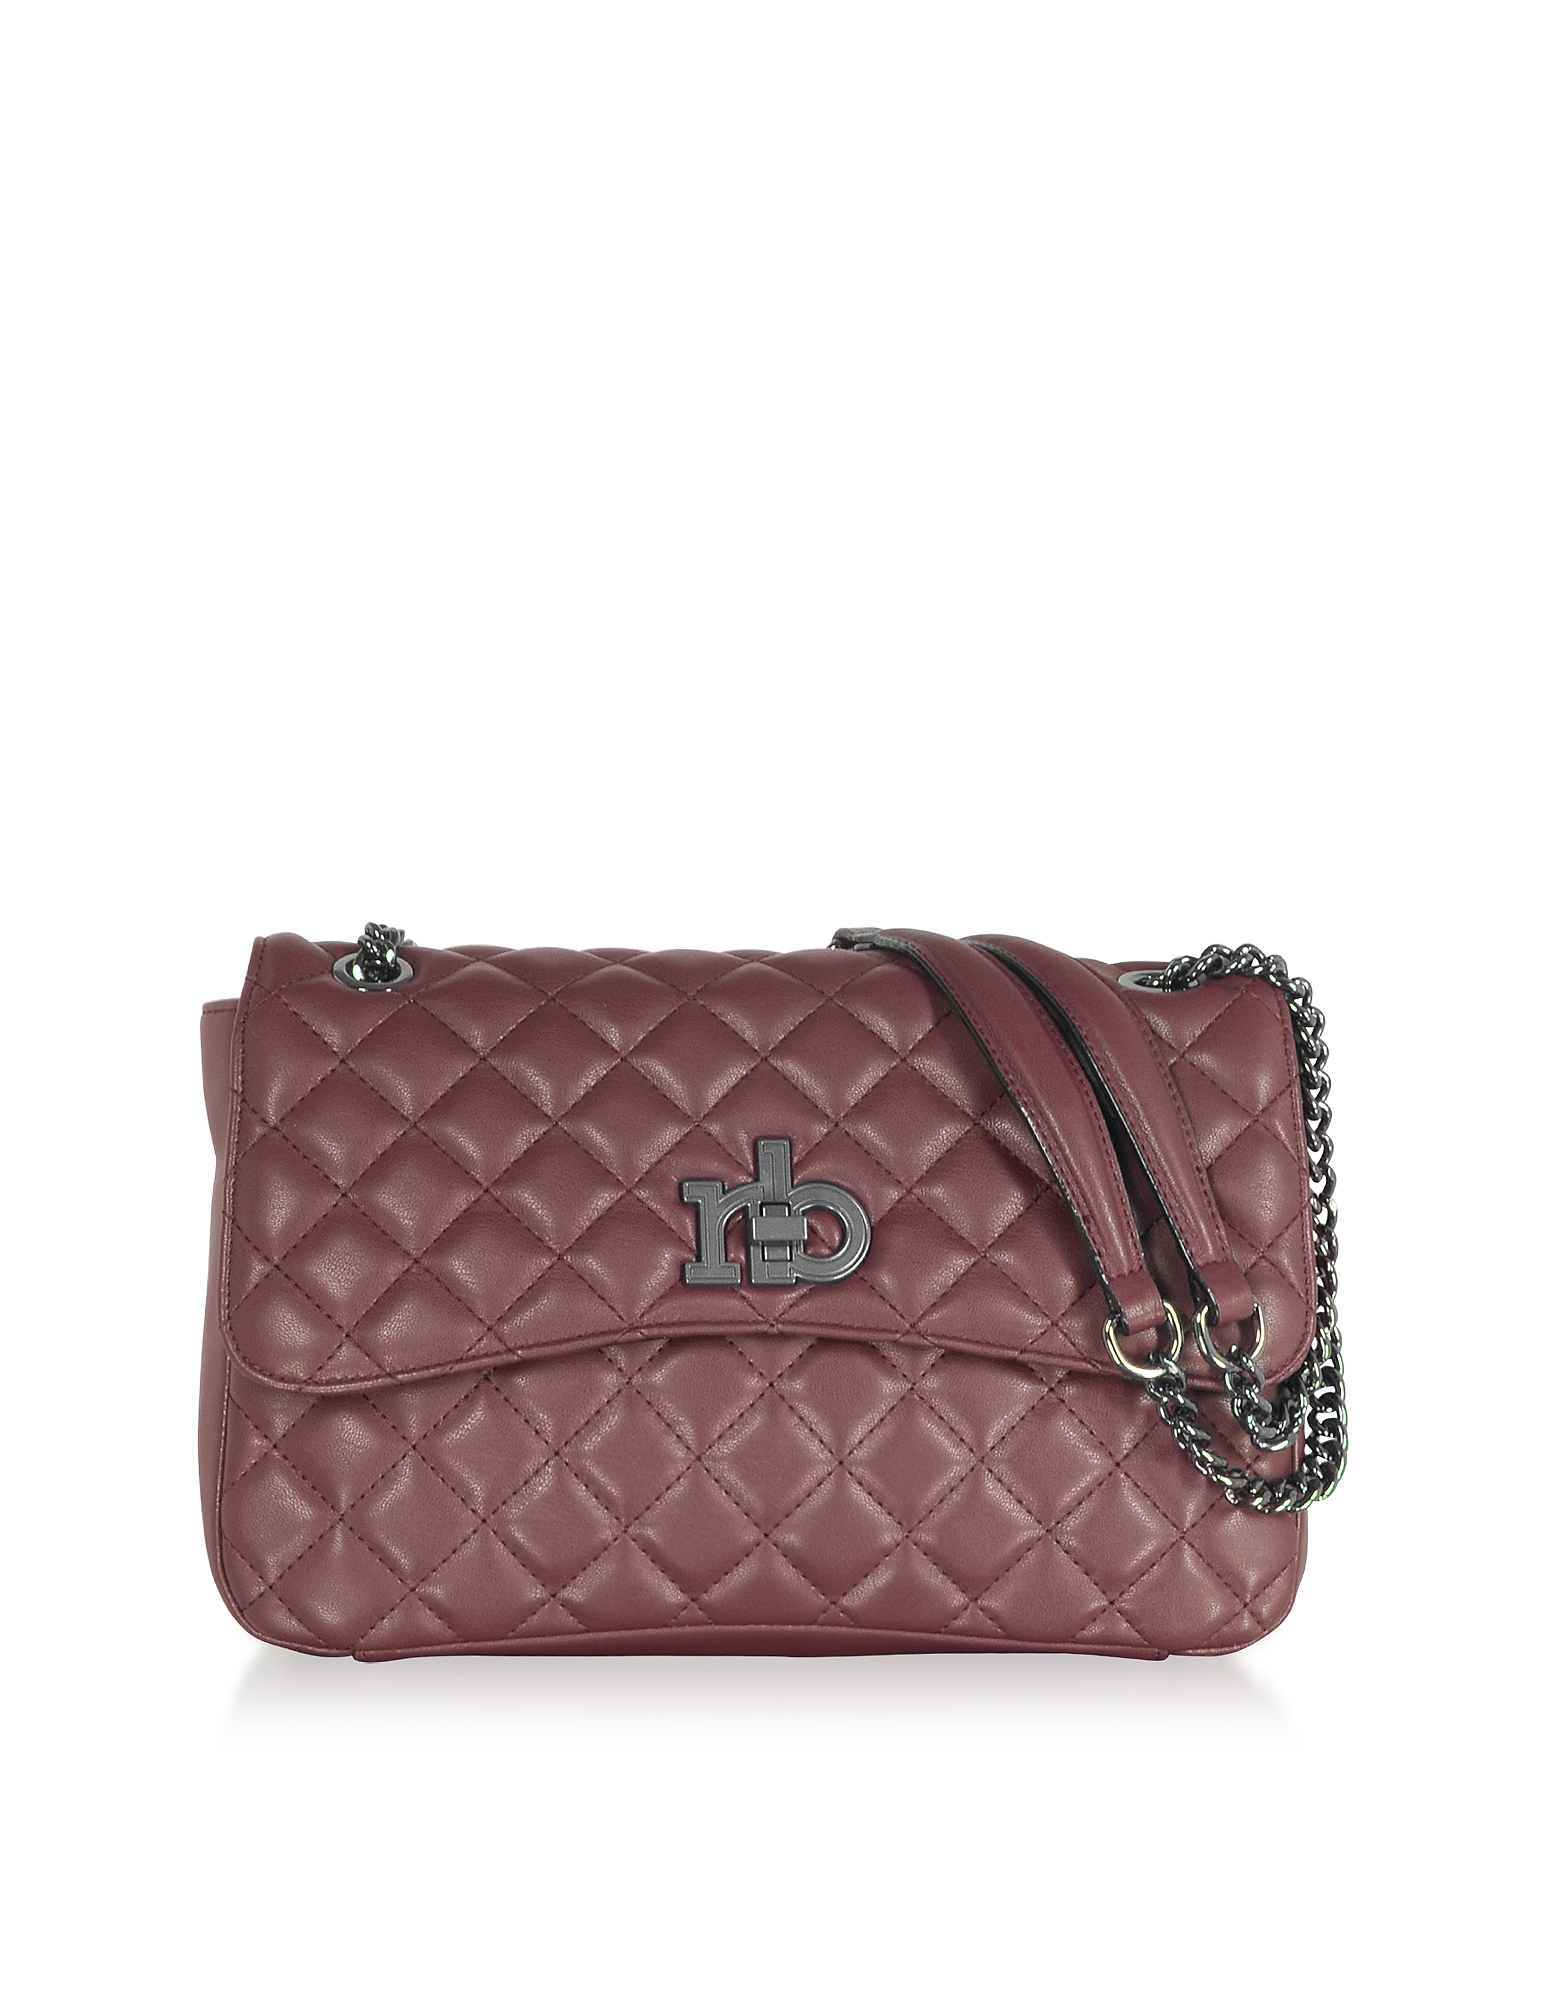 Roccobarocco Designer Handbags, RB Releve Quilted Eco Leather Shoulder Bag